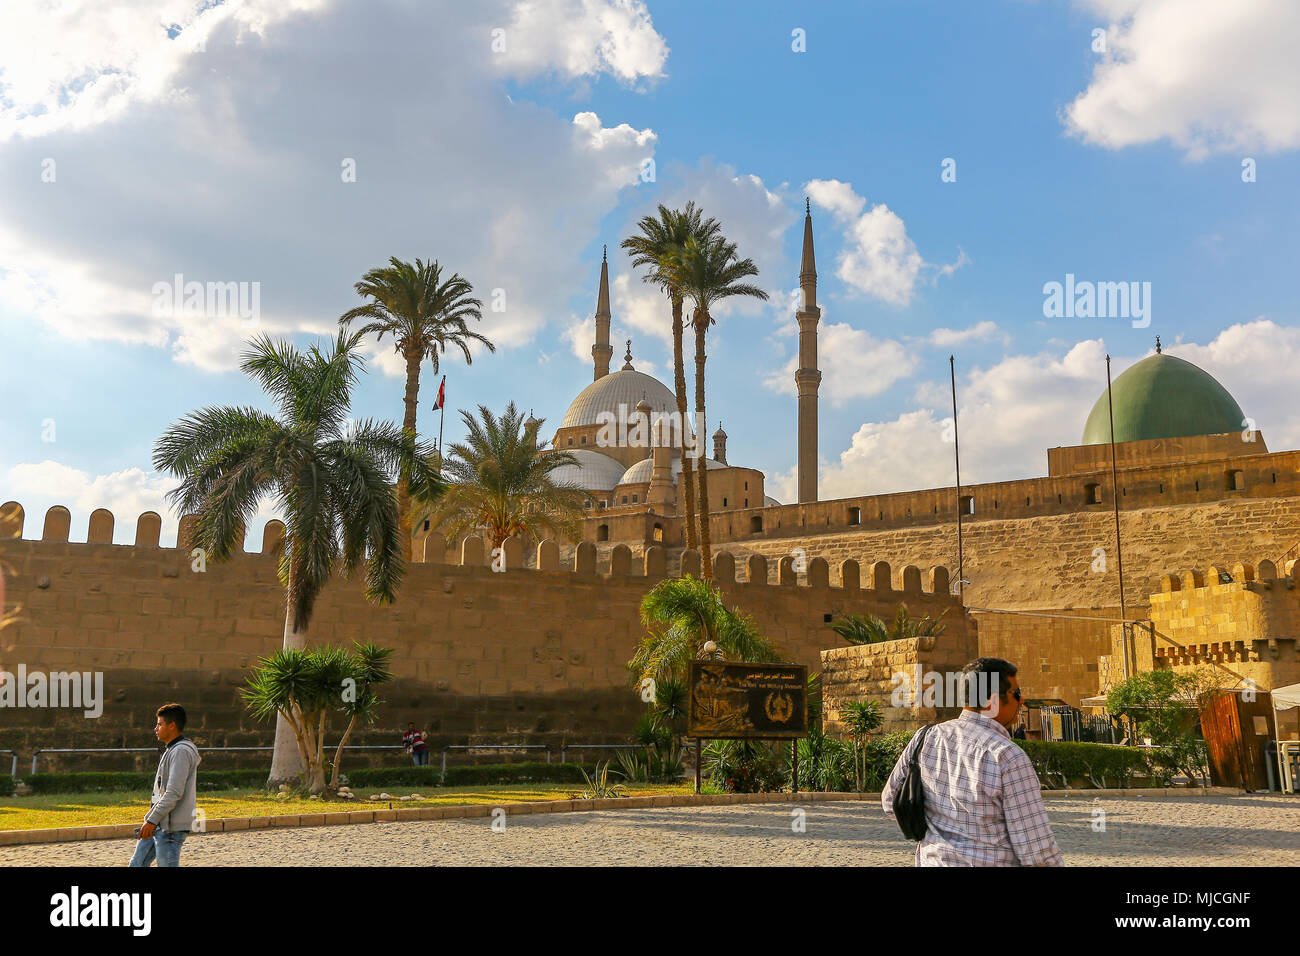 La Ciudadela de Saladino en El Cairo Mokattam colina cerca del centro de la ciudad, es una fortificación medieval islámico en El Cairo, Egipto, África Imagen De Stock